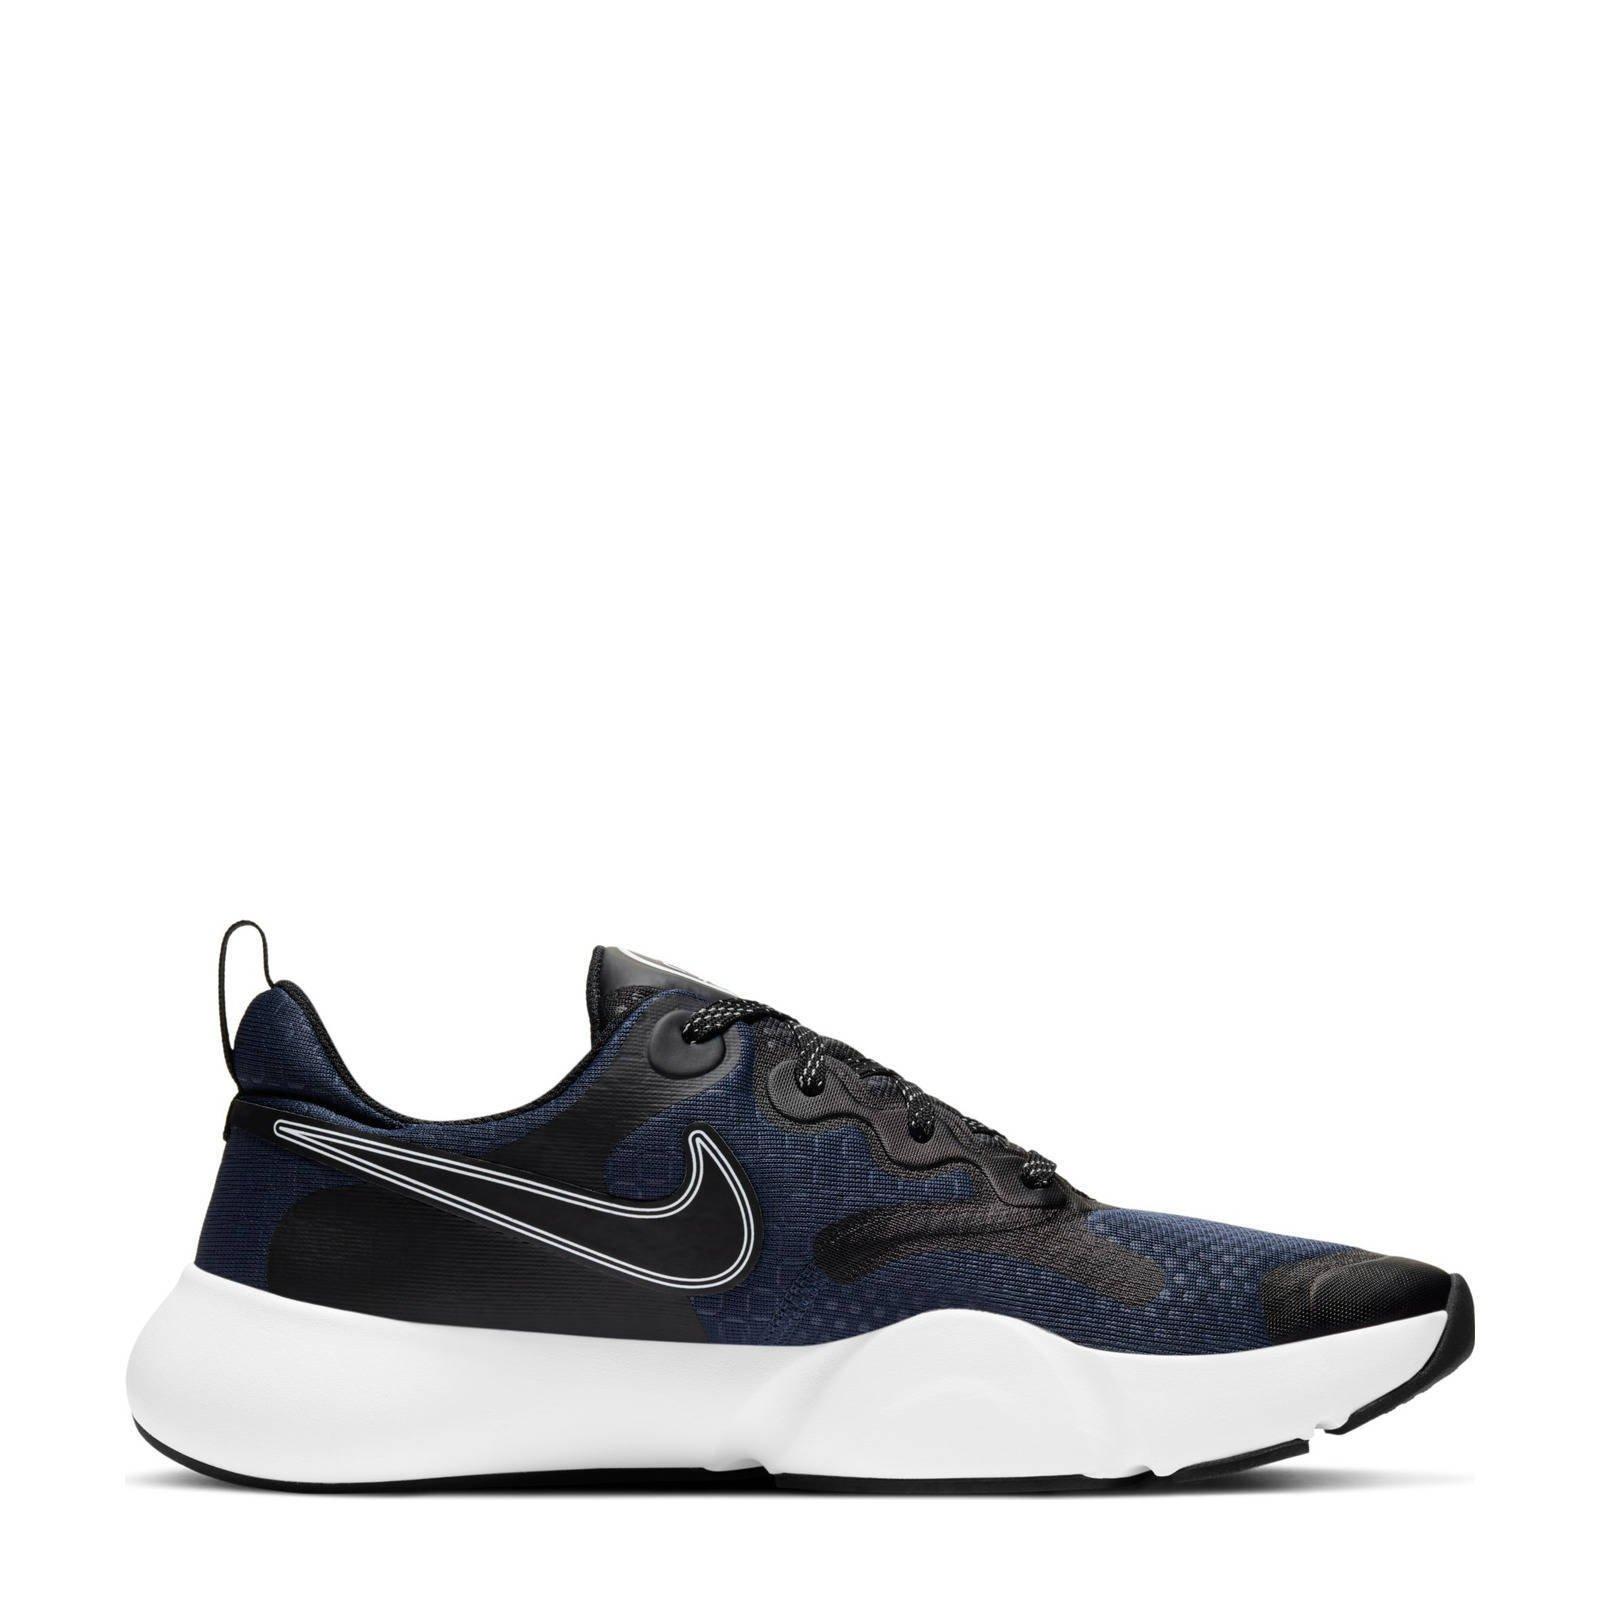 Nike SpeedRep Heren Midnight Navy/White/Black Heren online kopen